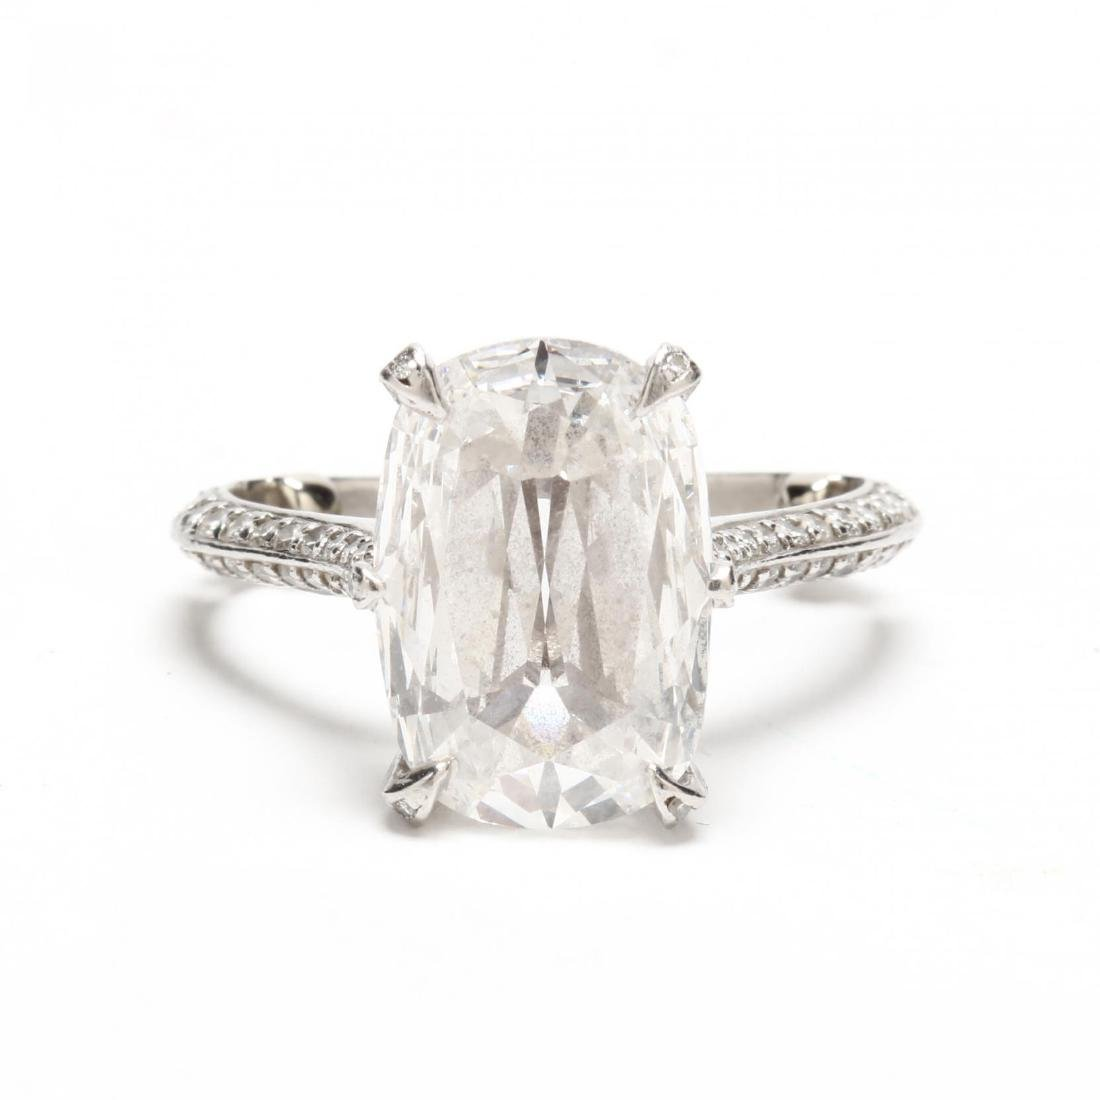 Unmounted 5.07 Carat Diamond and Platinum and Diamond